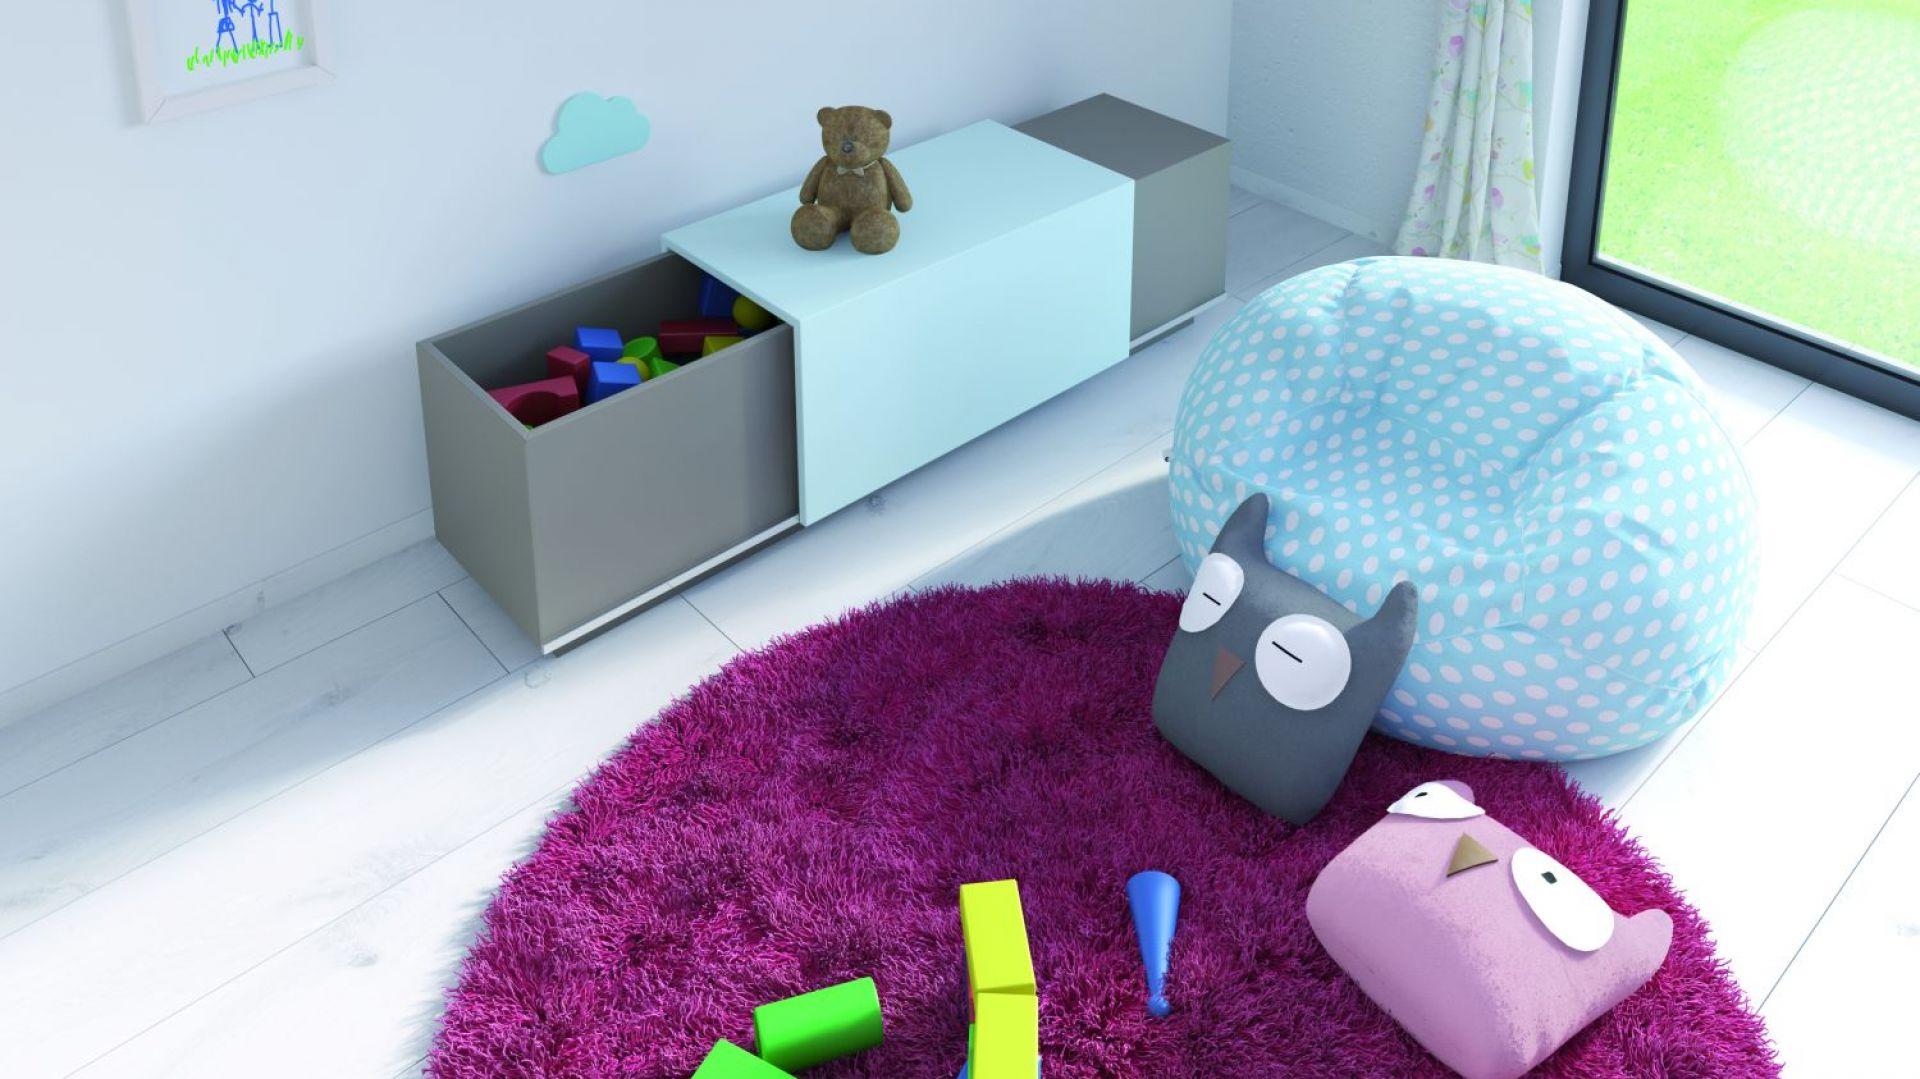 Okucie SlideLine M do niedużych frontów przesuwnych pozwala projektować meble, które zachwycą rodziców pomysłowością. Po skończonej zabawie wystarczy wrzucić zabawki do środka i delikatnie zasunąć front. Fot. Hettich